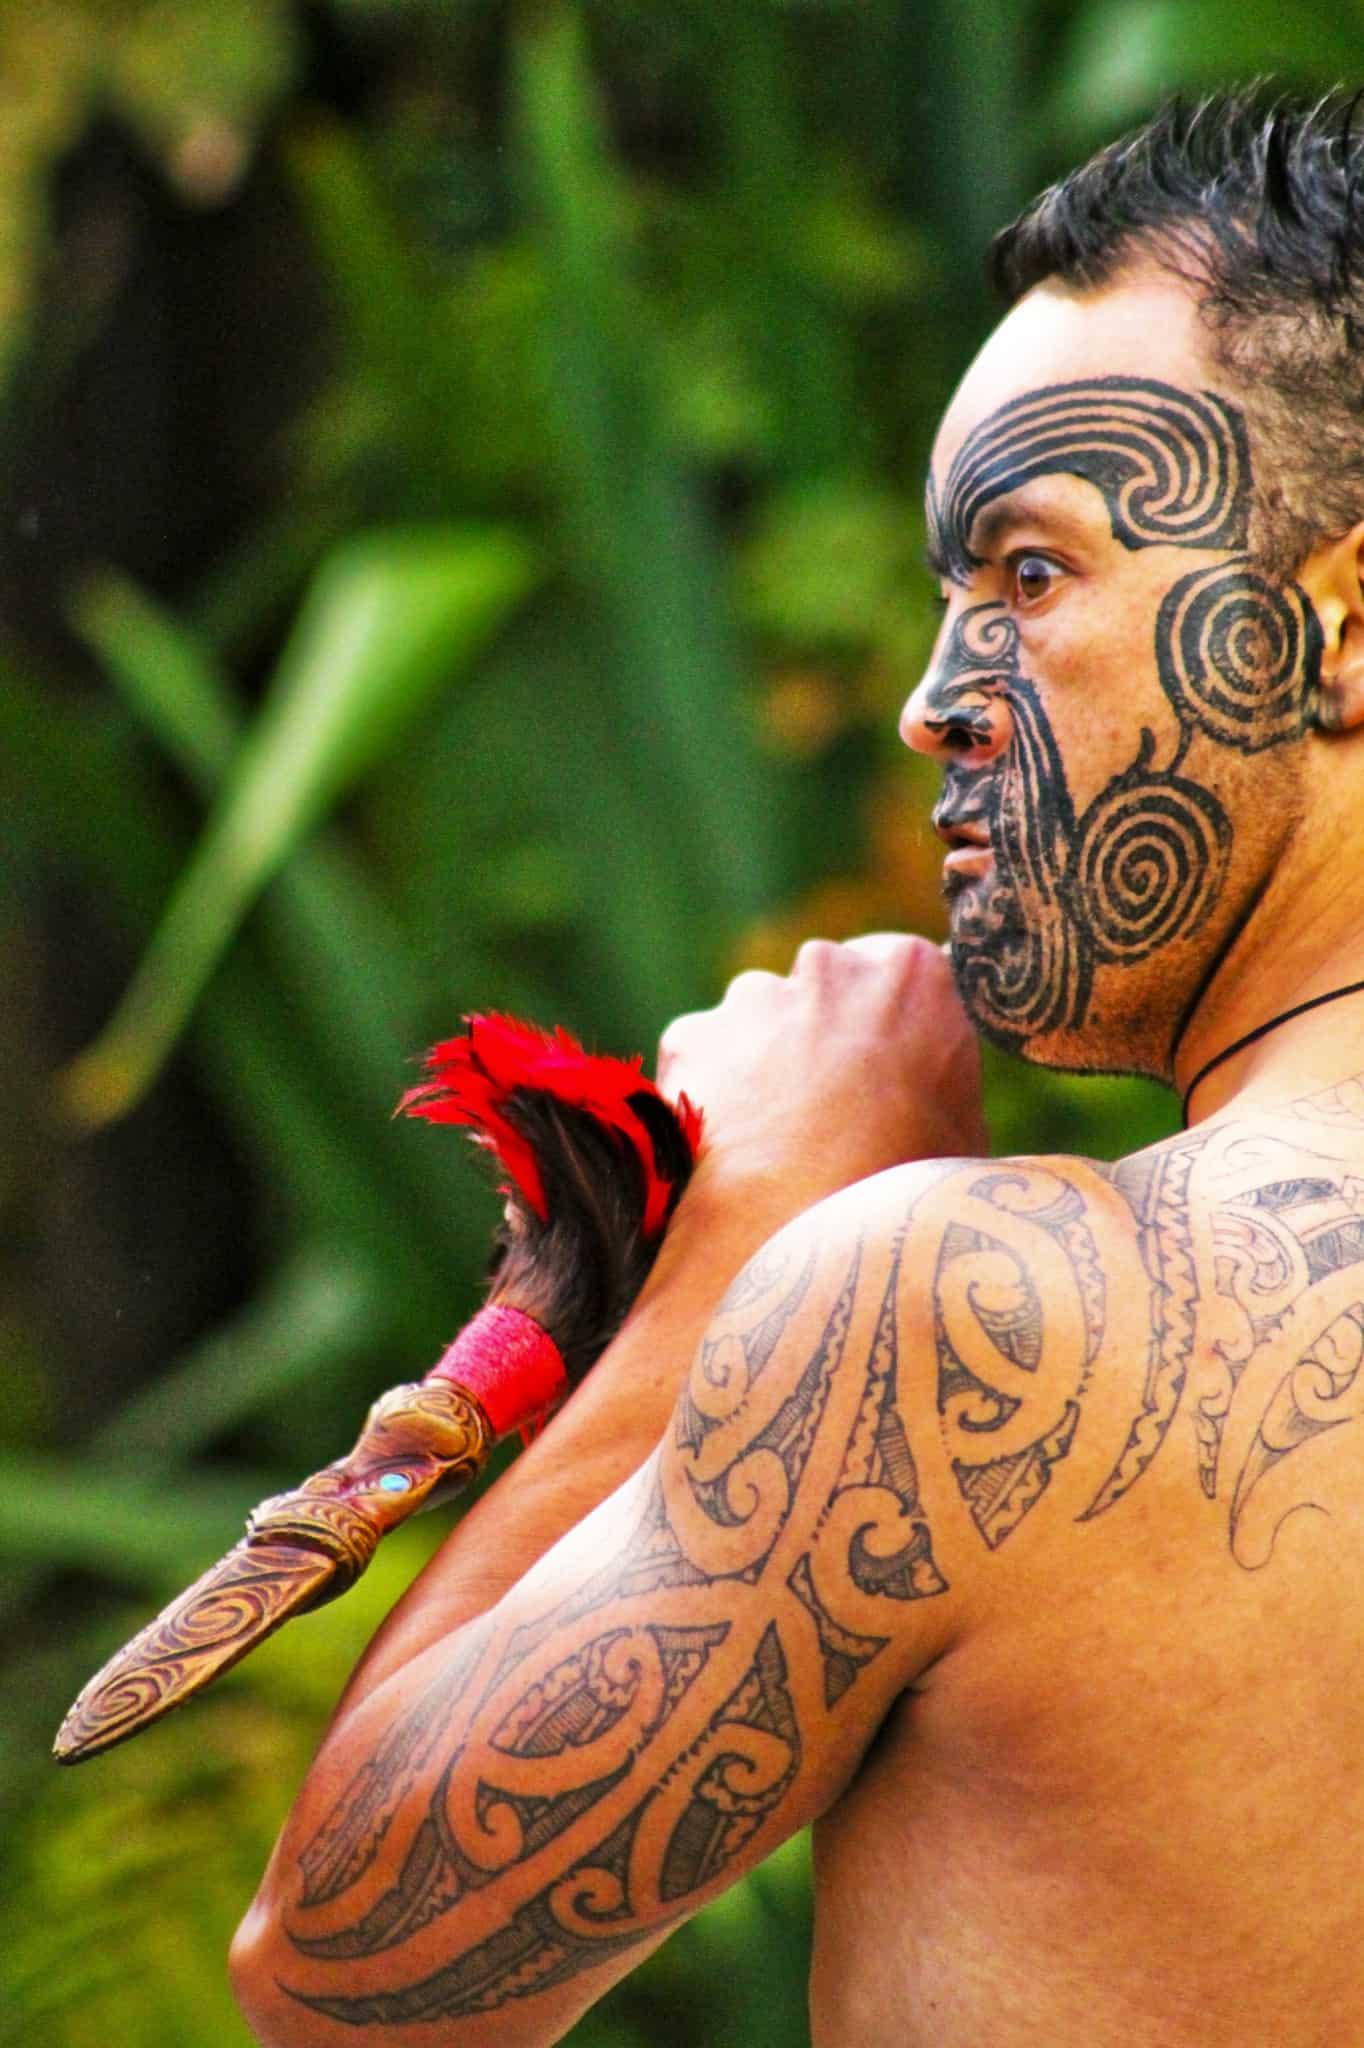 The World Of Maori Tattoo: Maori People